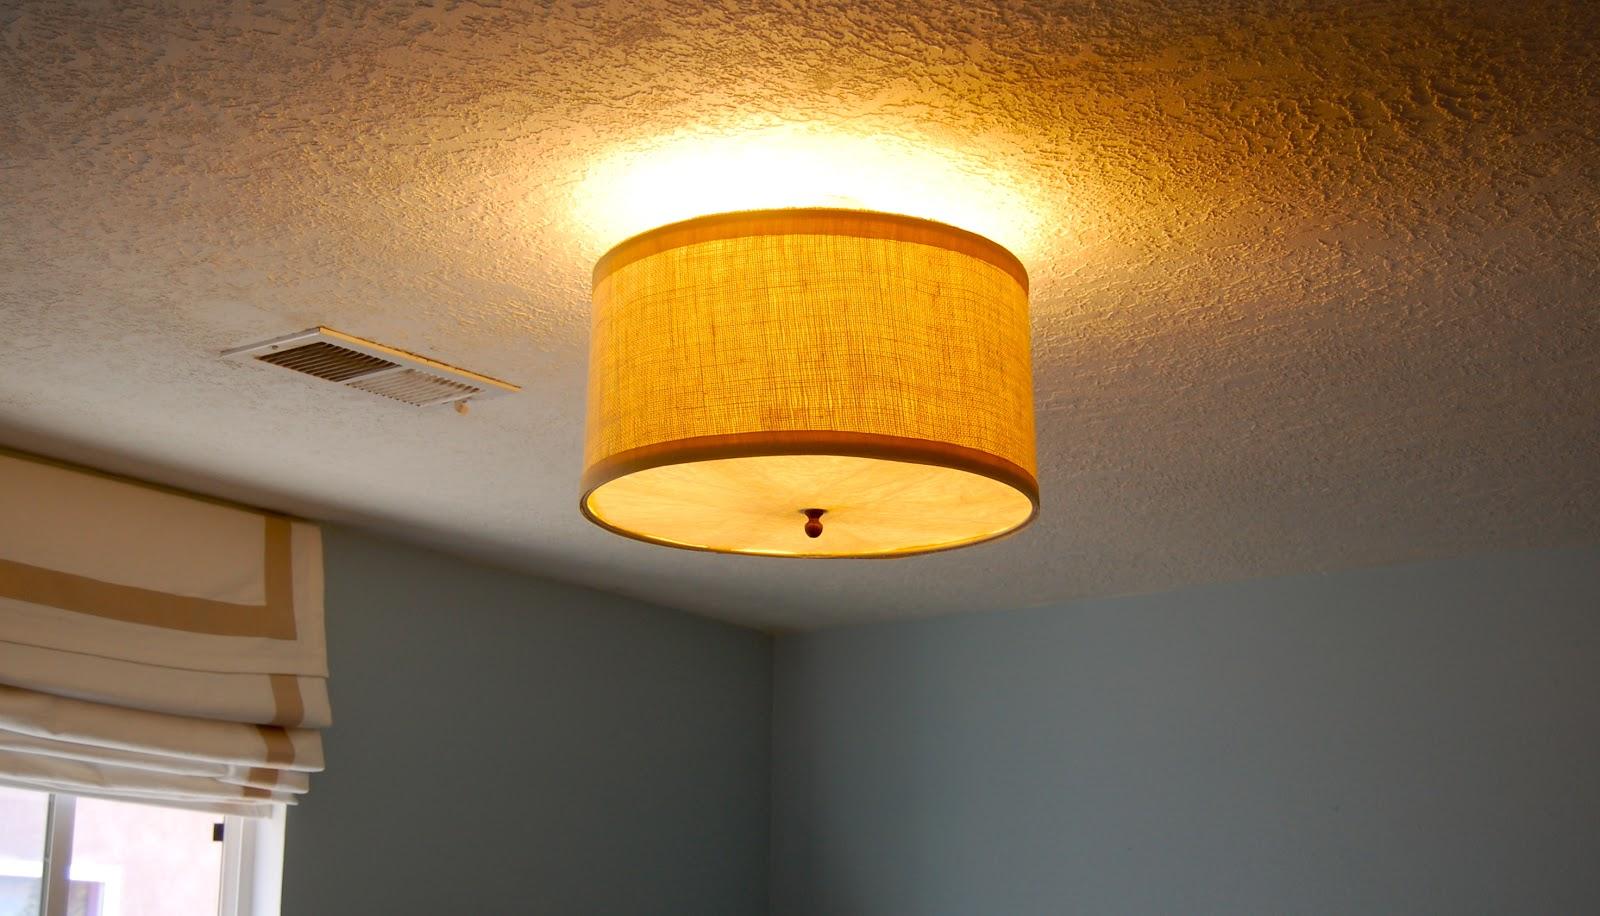 Ceiling Mounted Drum Shade Light {DIY} / Desert Willow Lane